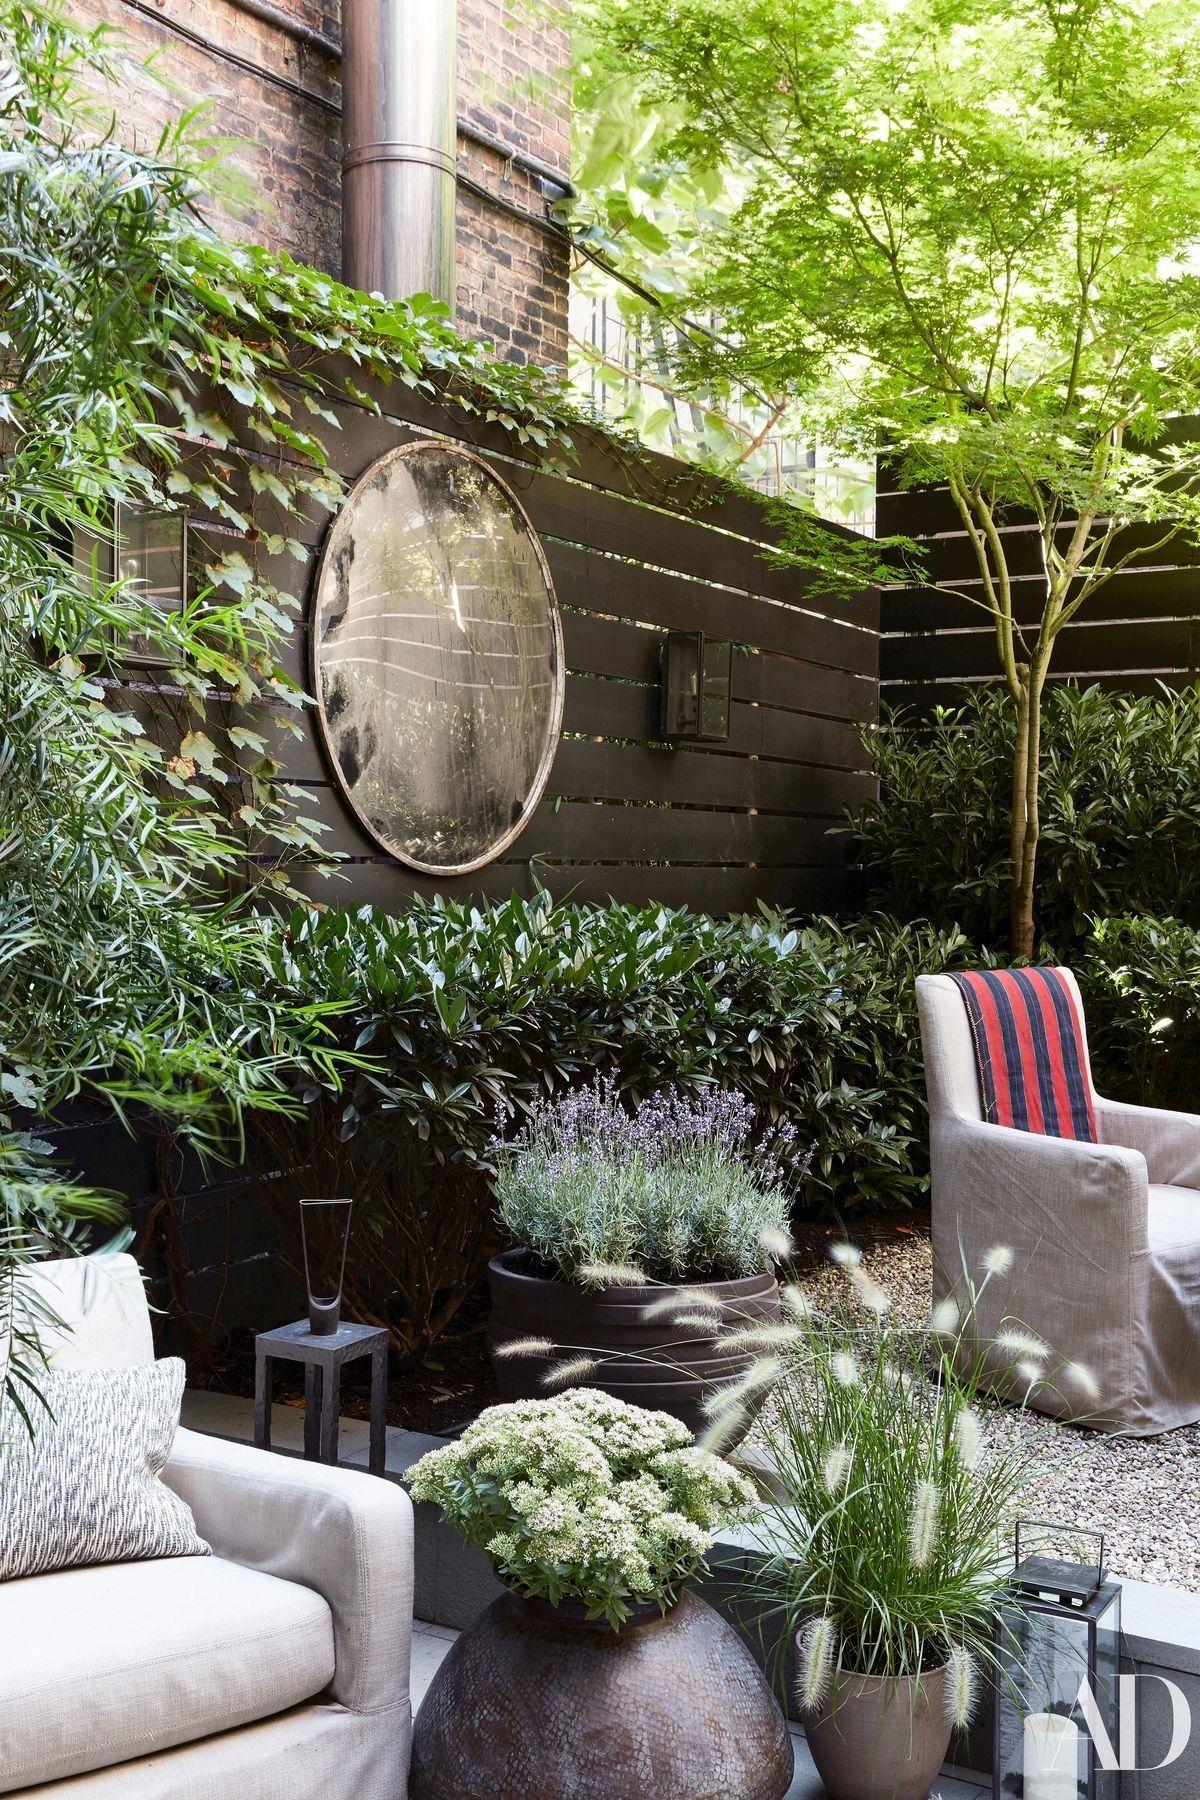 Small courtyard garden inspiration  Tenniswood Inspiration  Gardening  Pinterest  Small gardens